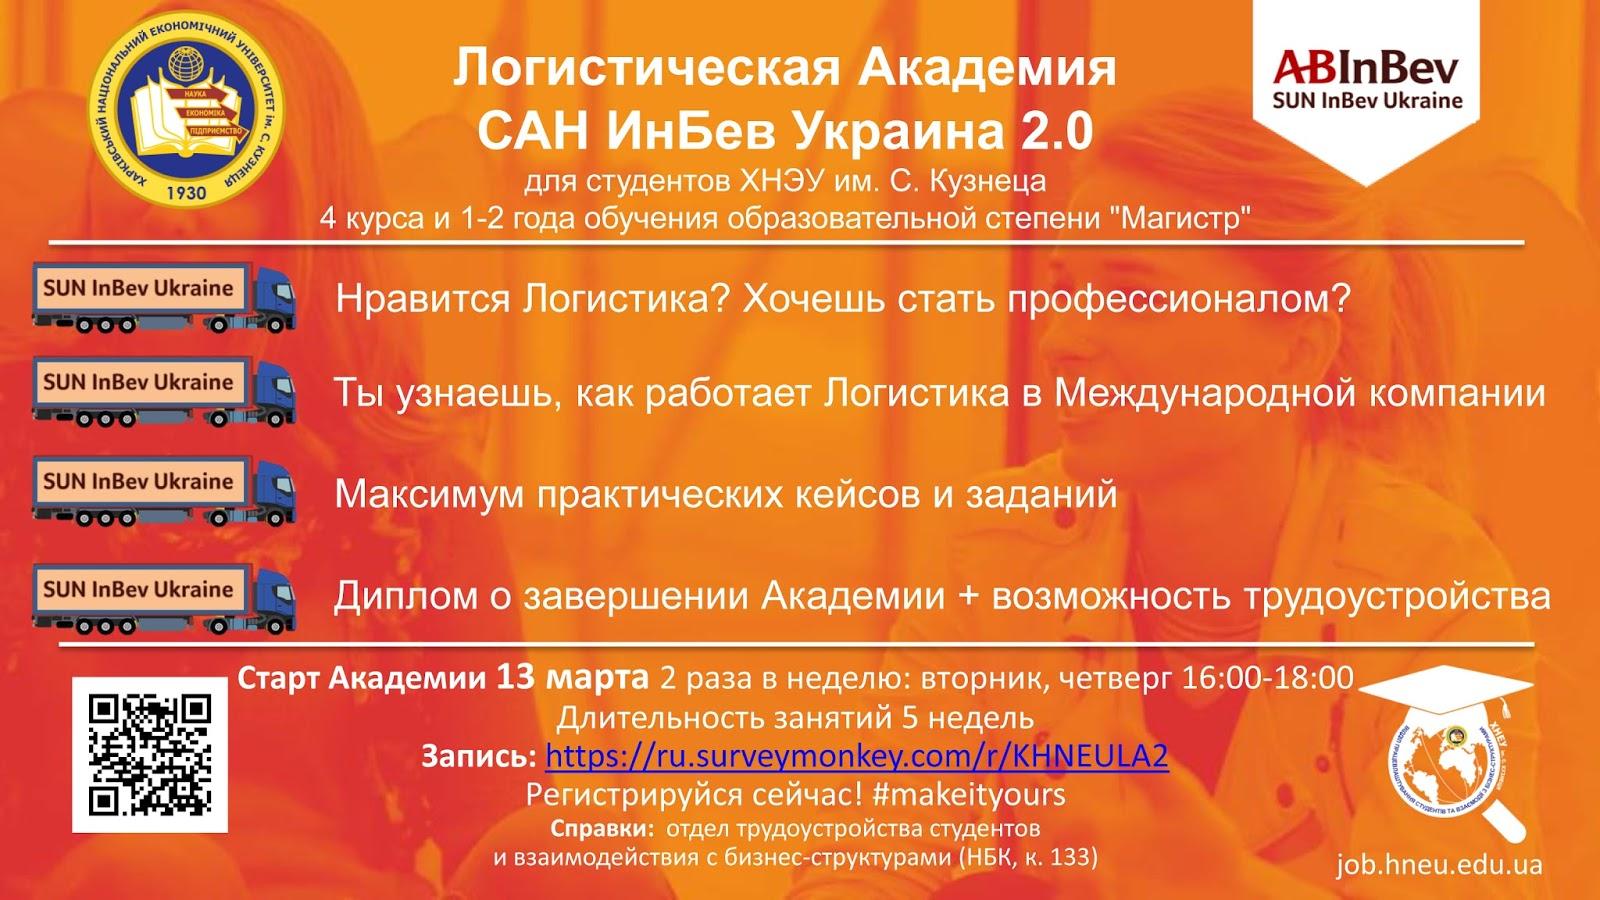 Логистическая Академия САН ИнБев Украина 2.0